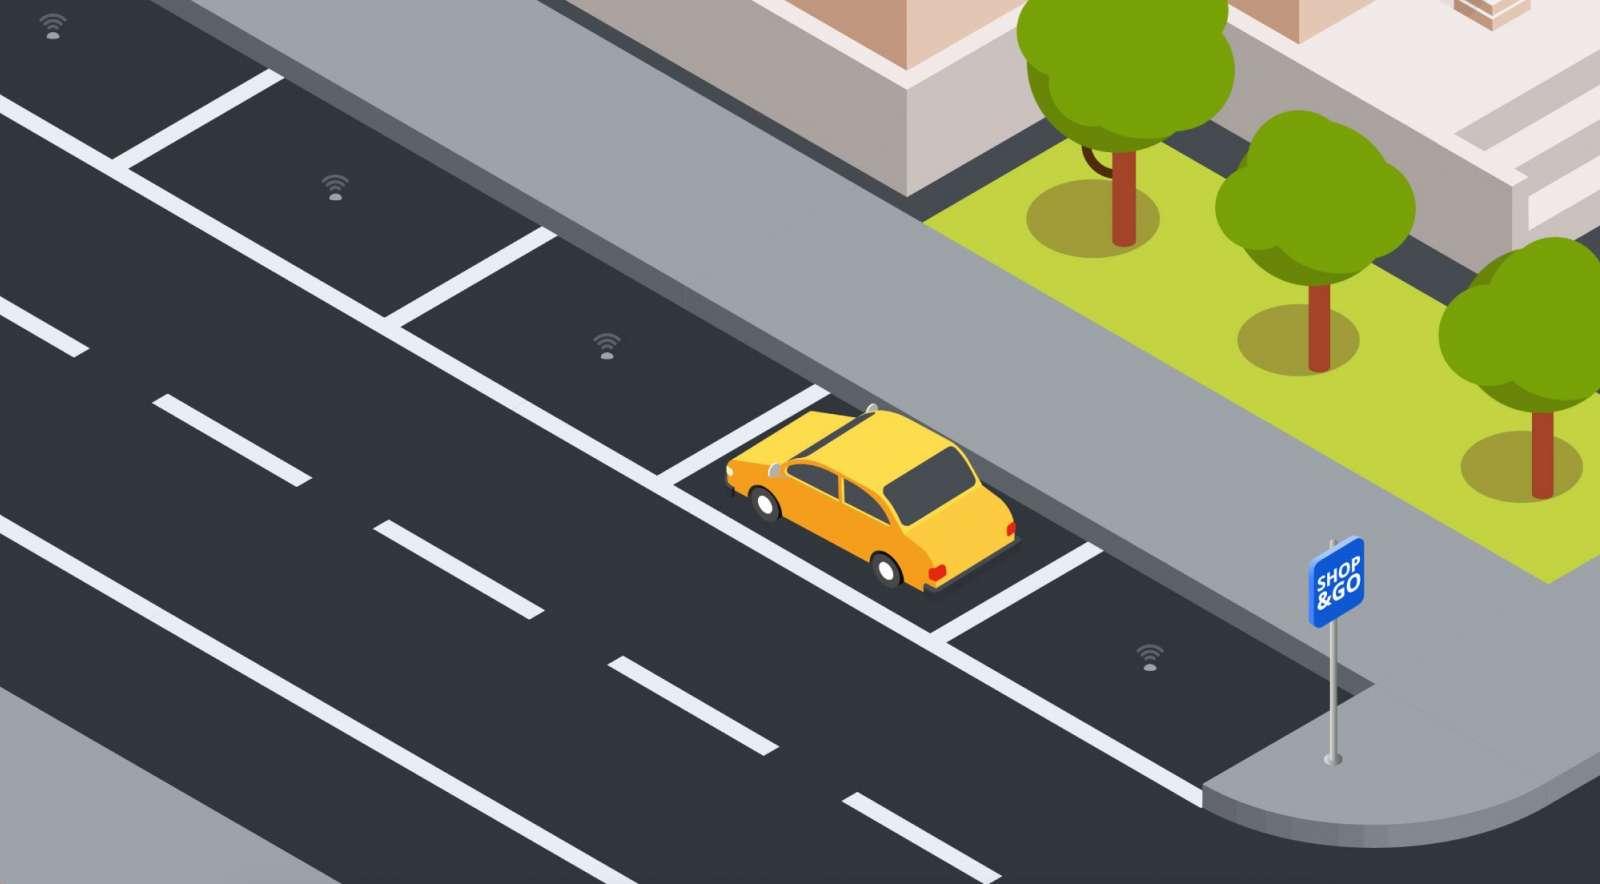 Road traffic mgmt shopgo